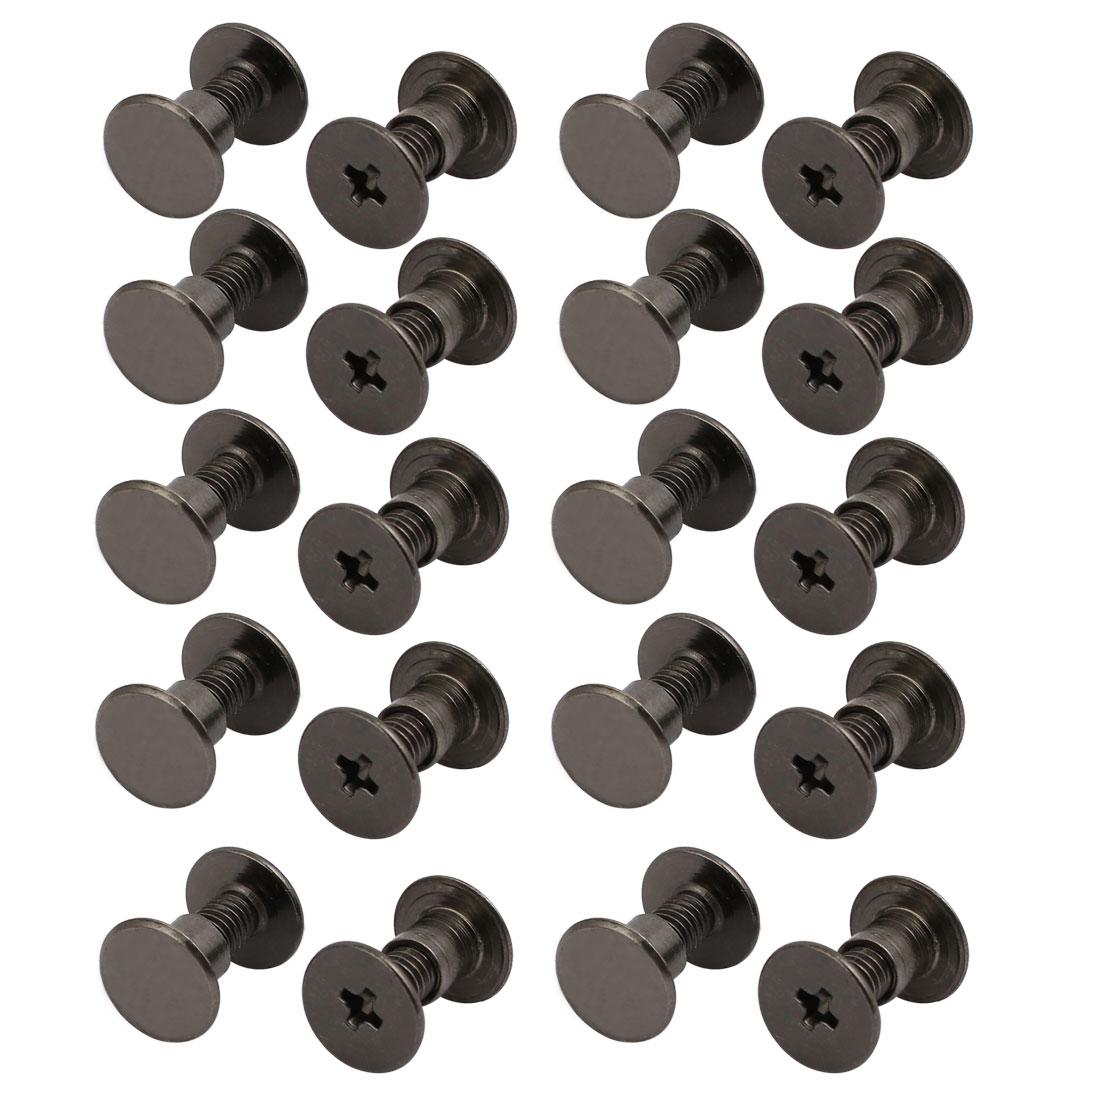 20pcs M4x7mm Carbon Steel Phillips Drive Head T-Nut Screw Kit Black